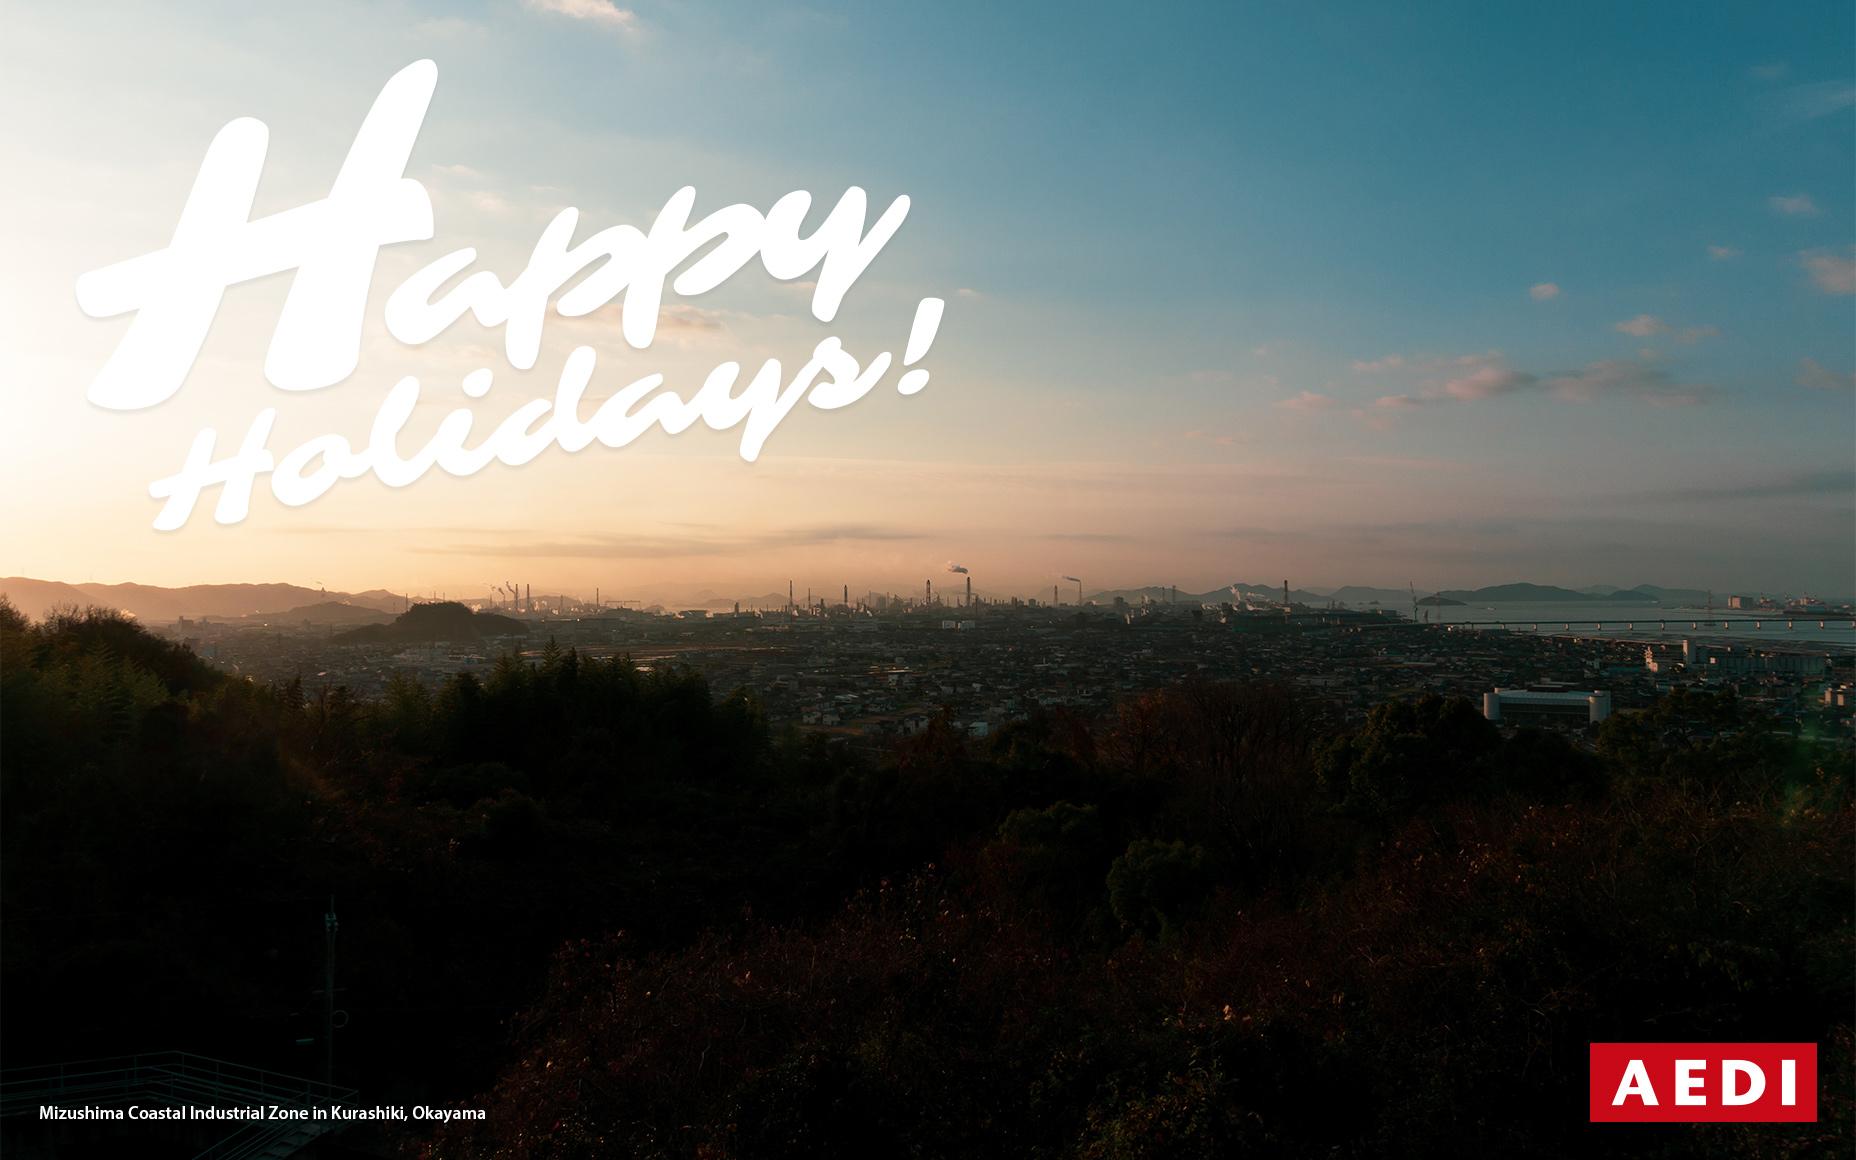 岡山県倉敷市水島臨海工業地帯 Happy Holydays! 岡山県倉敷市のWebとデザインの制作会社 AEDI株式会社